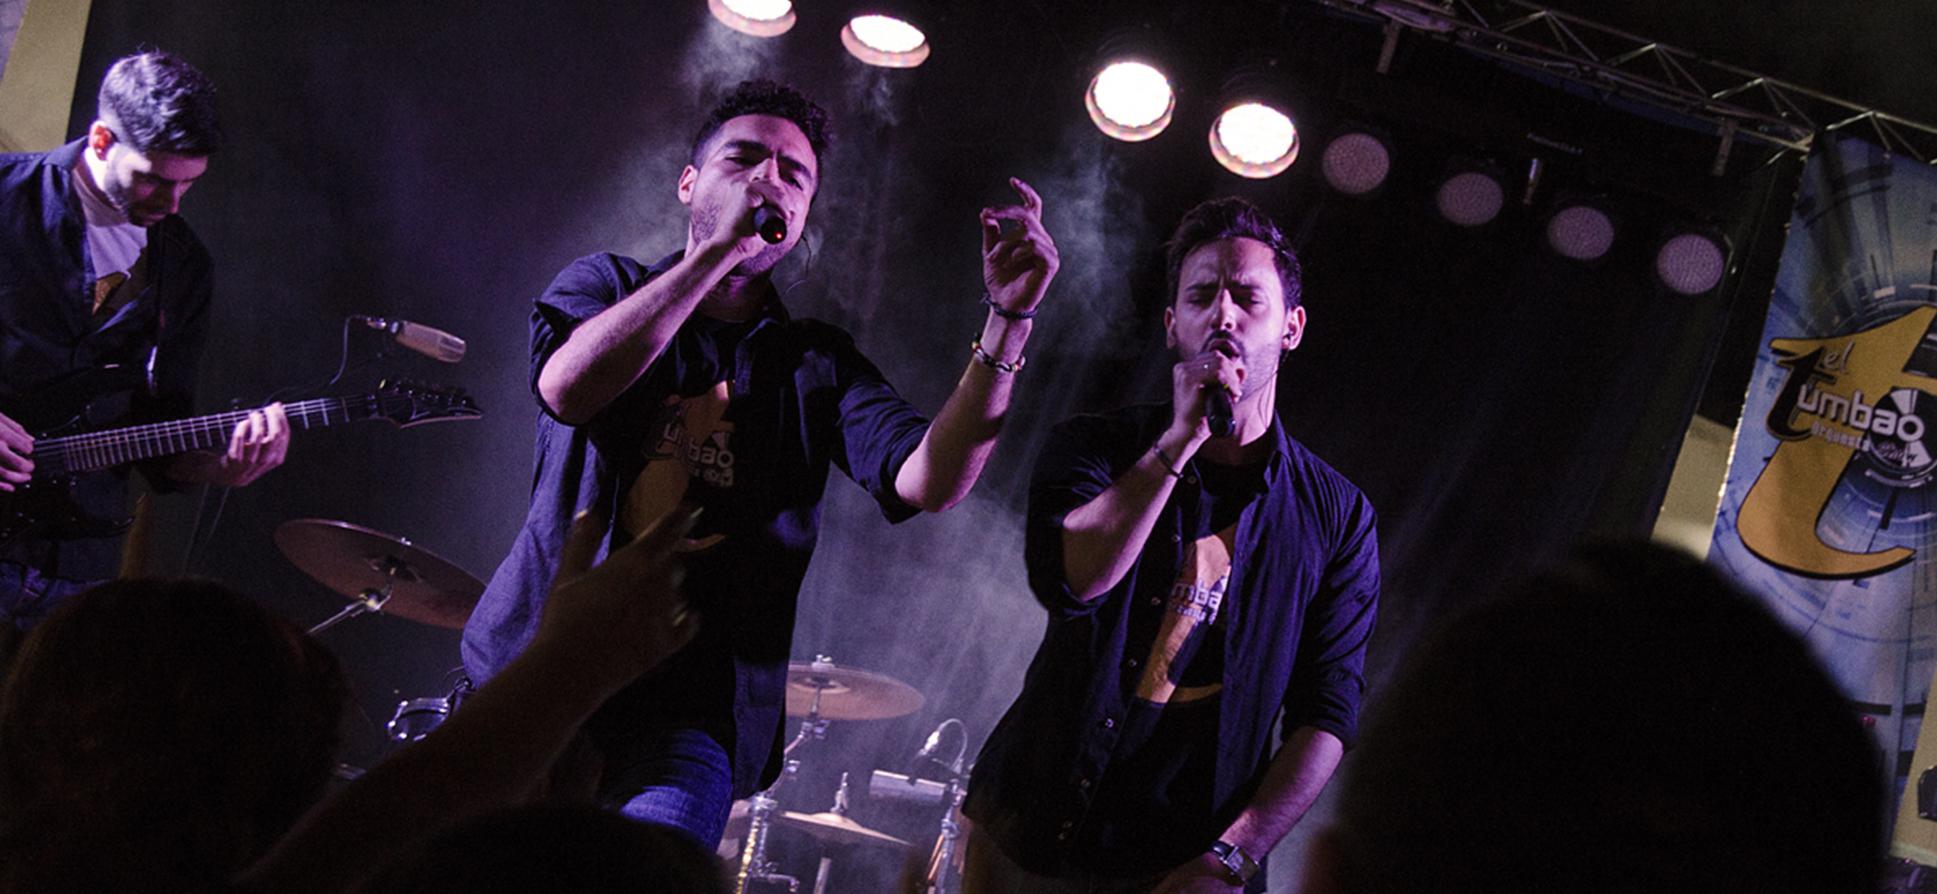 ¡MUSICA 100% EN DIRECTO DE TODOS LOS ESTILOS!